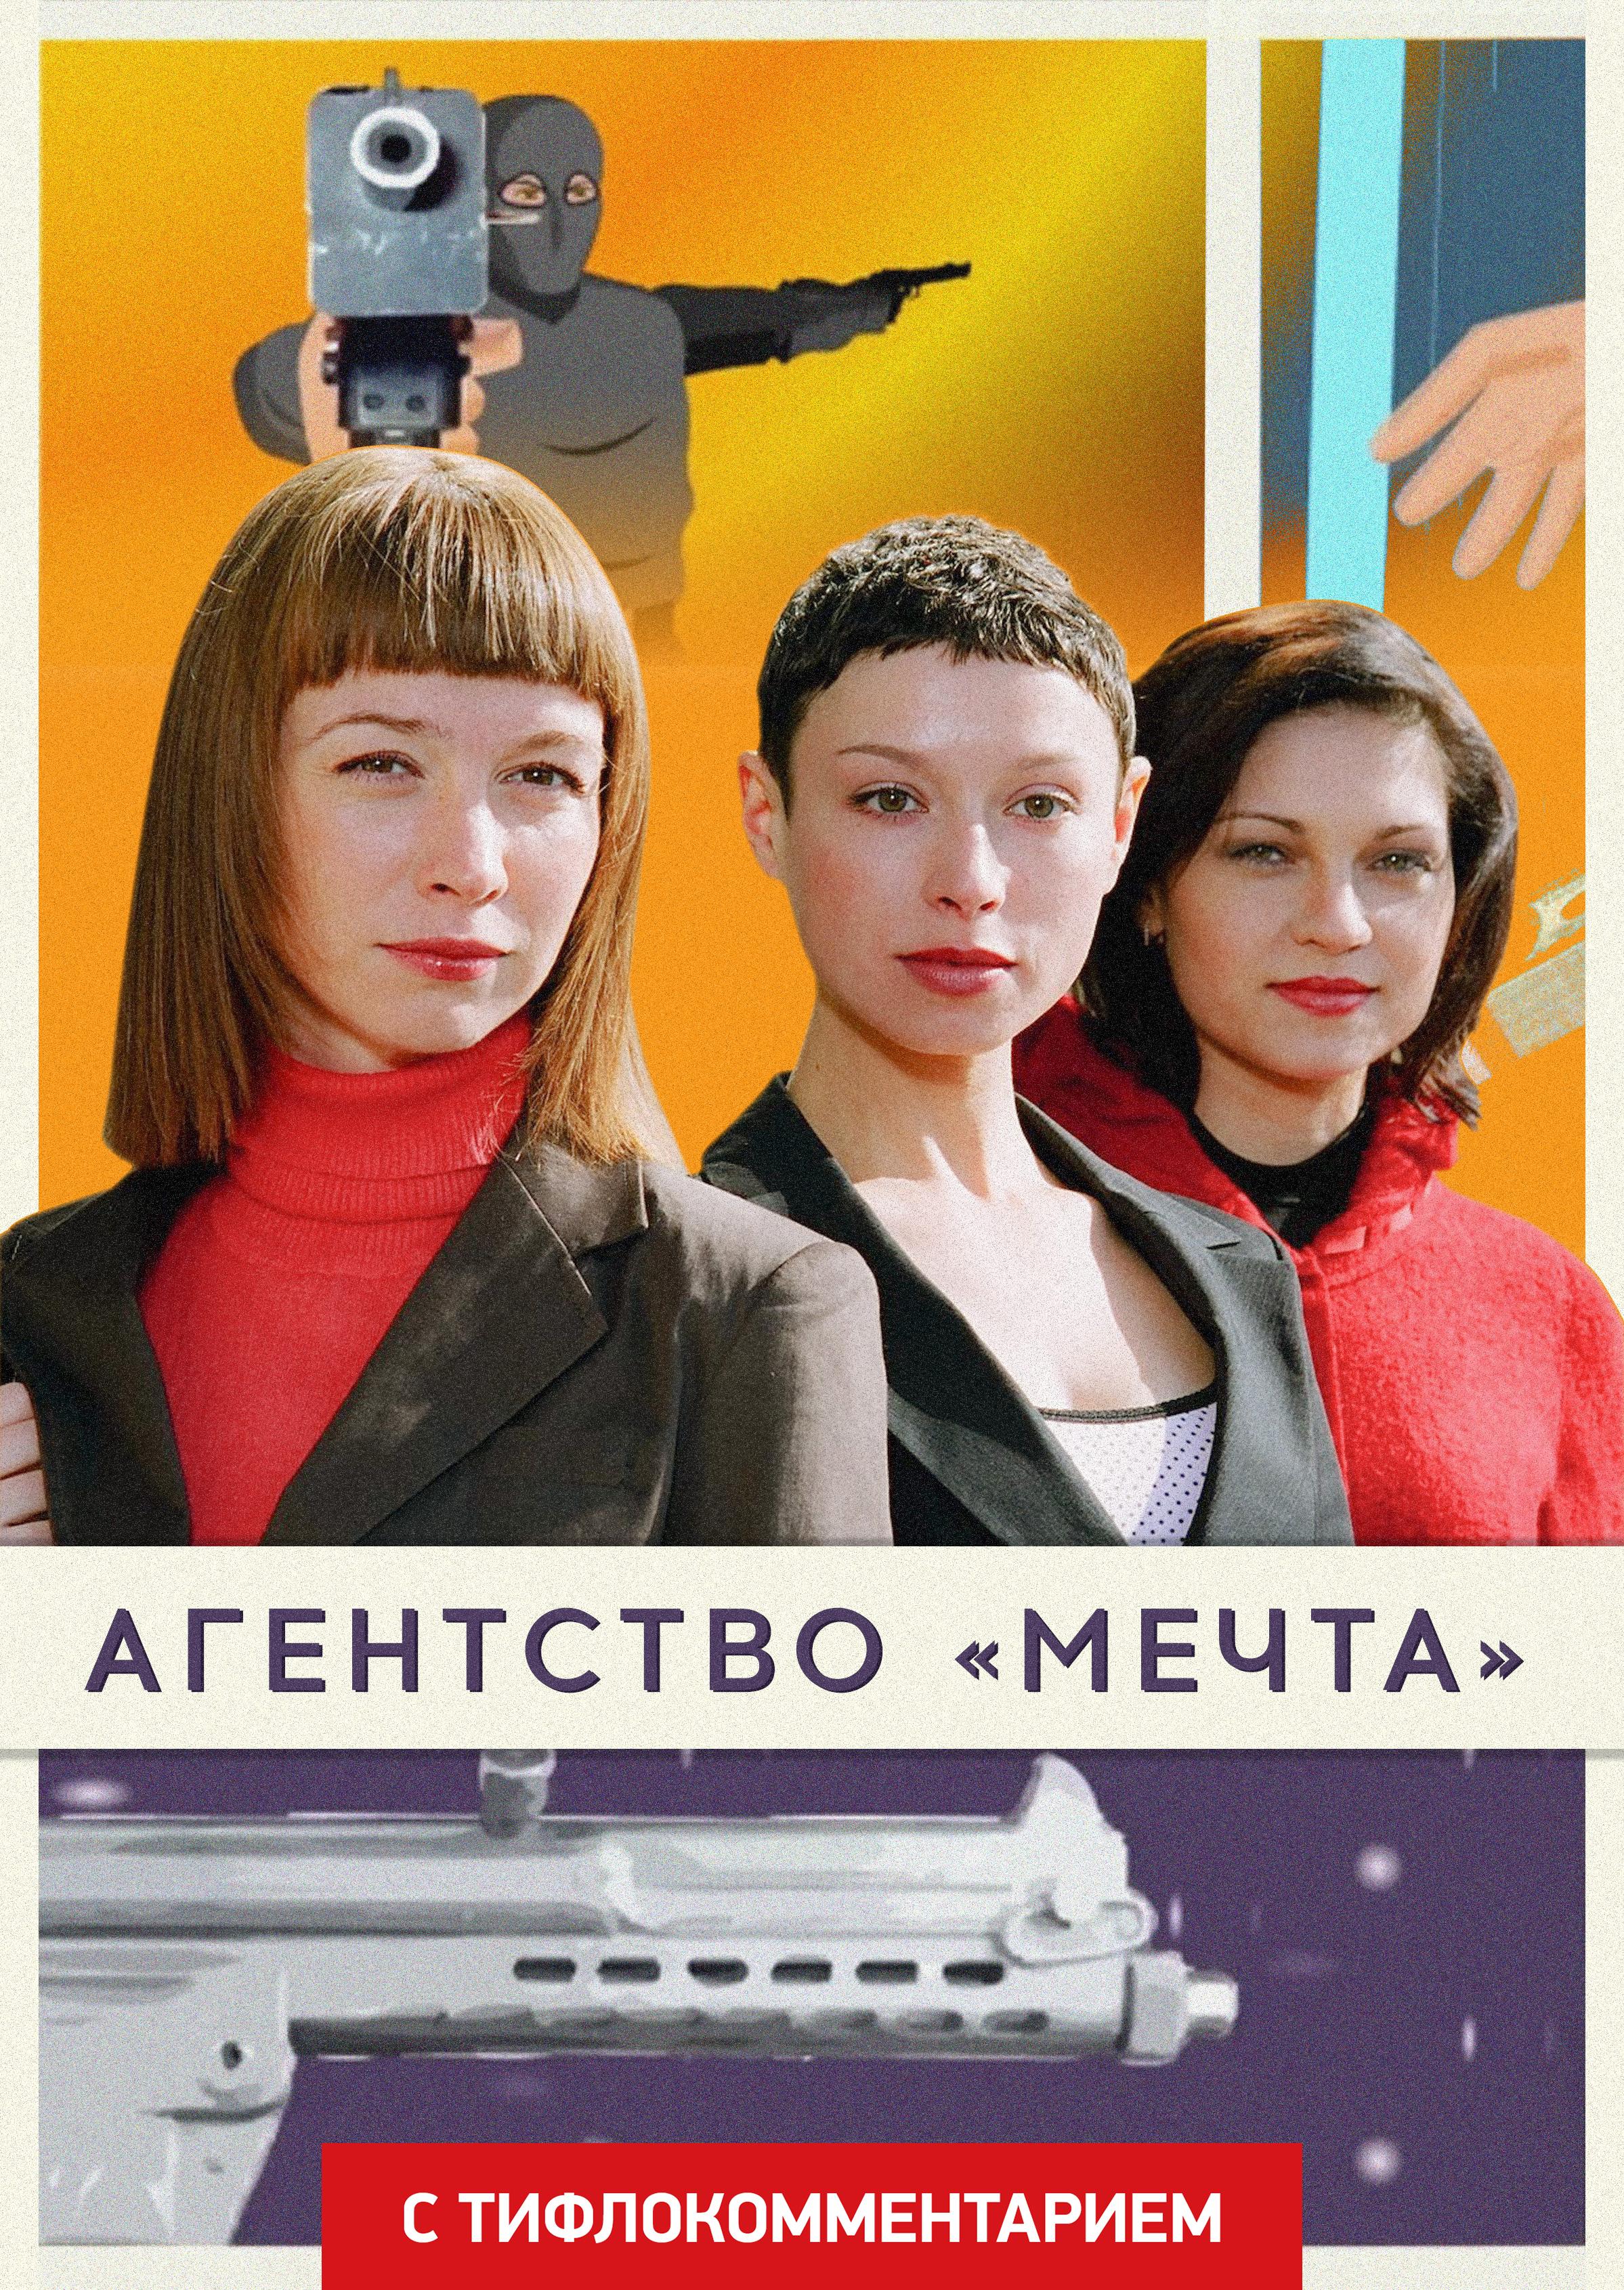 Постер фильма - Агентство «Мечта» (версия с тифлокомментарием)